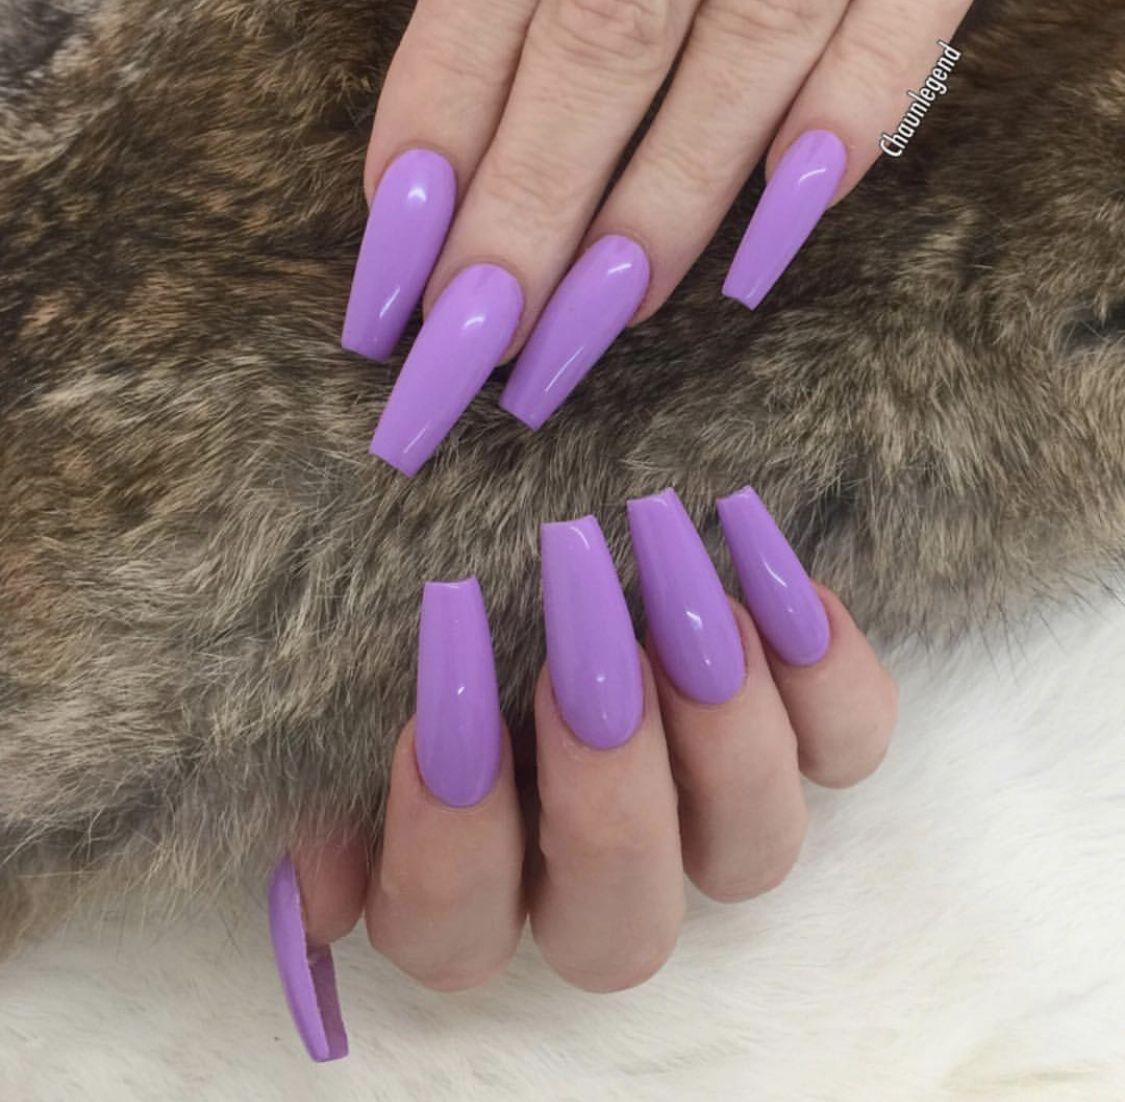 Pin by paula lumbreras on nails in pinterest nails nail